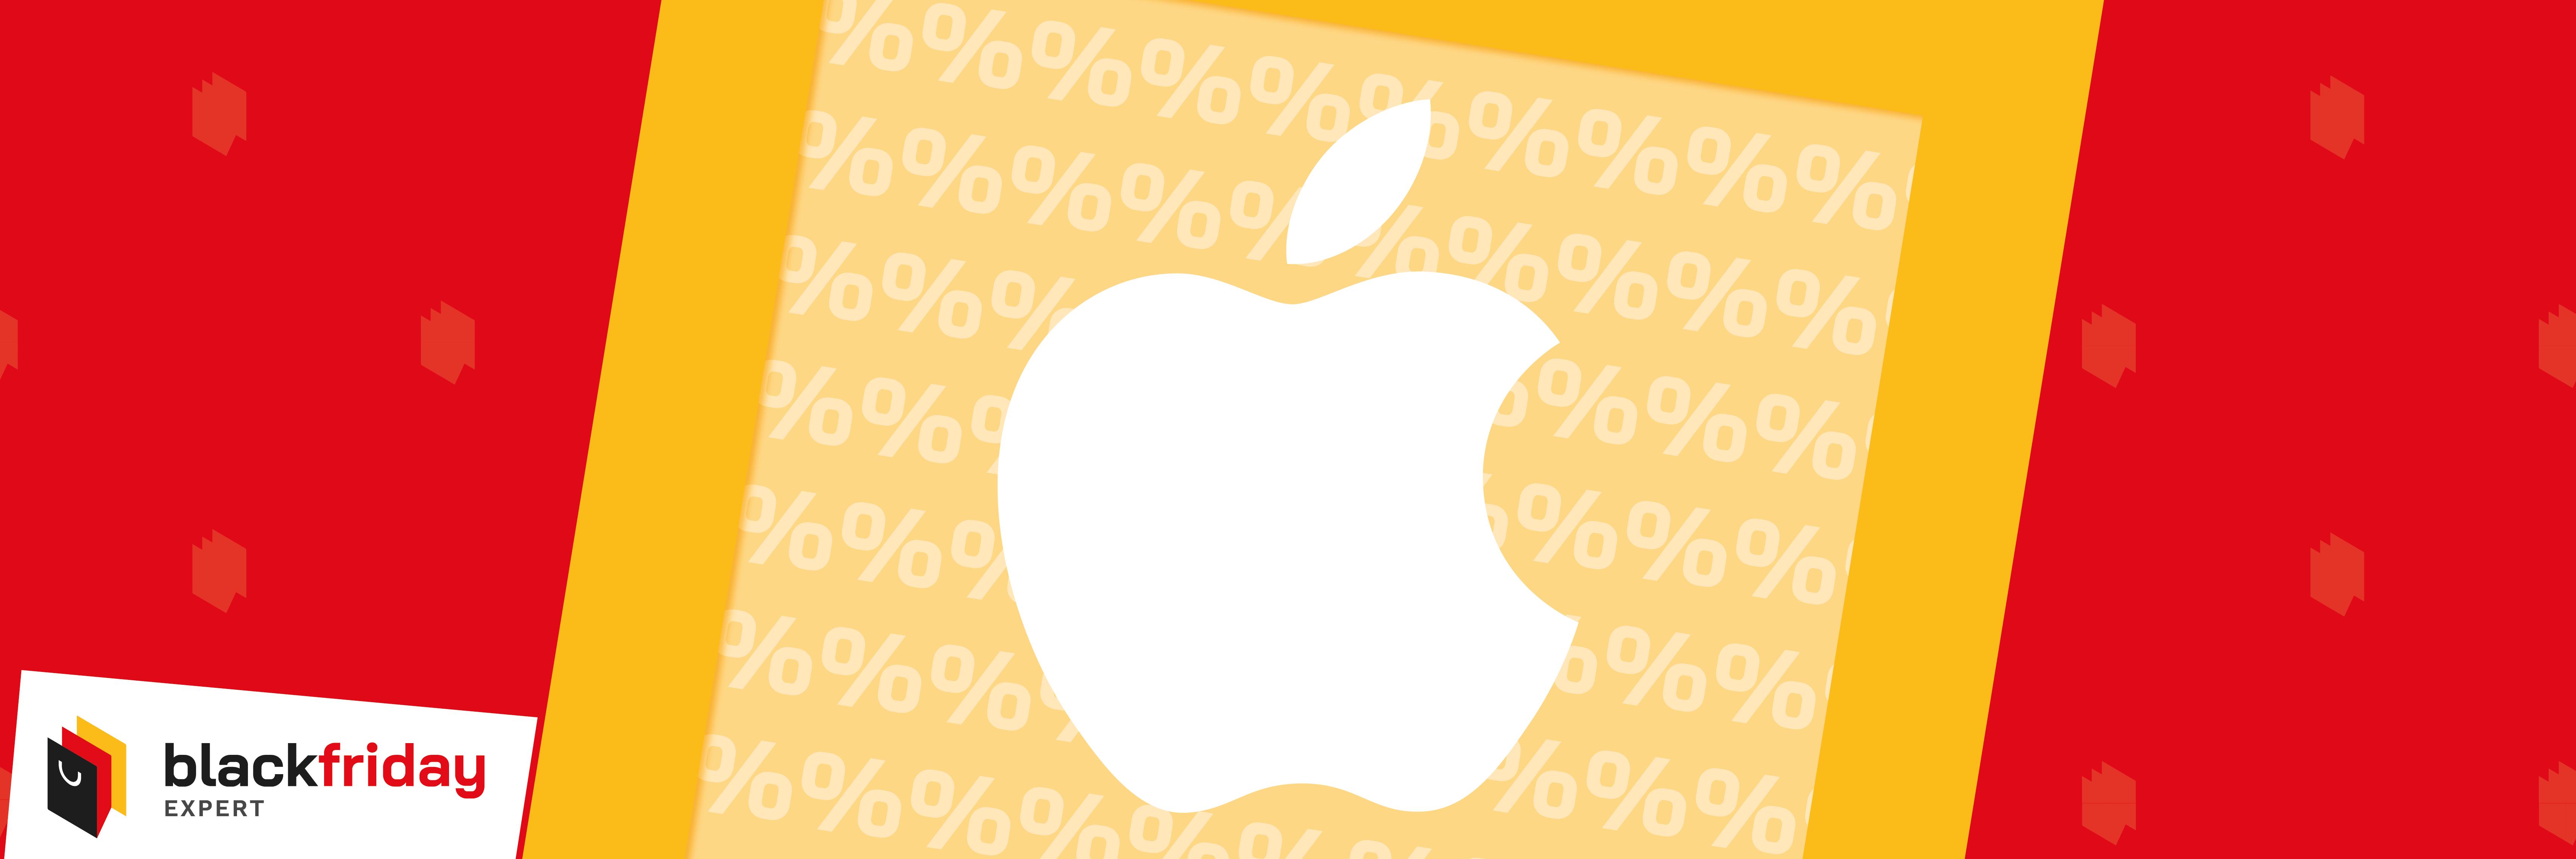 blog promoties apple liefhebbers header